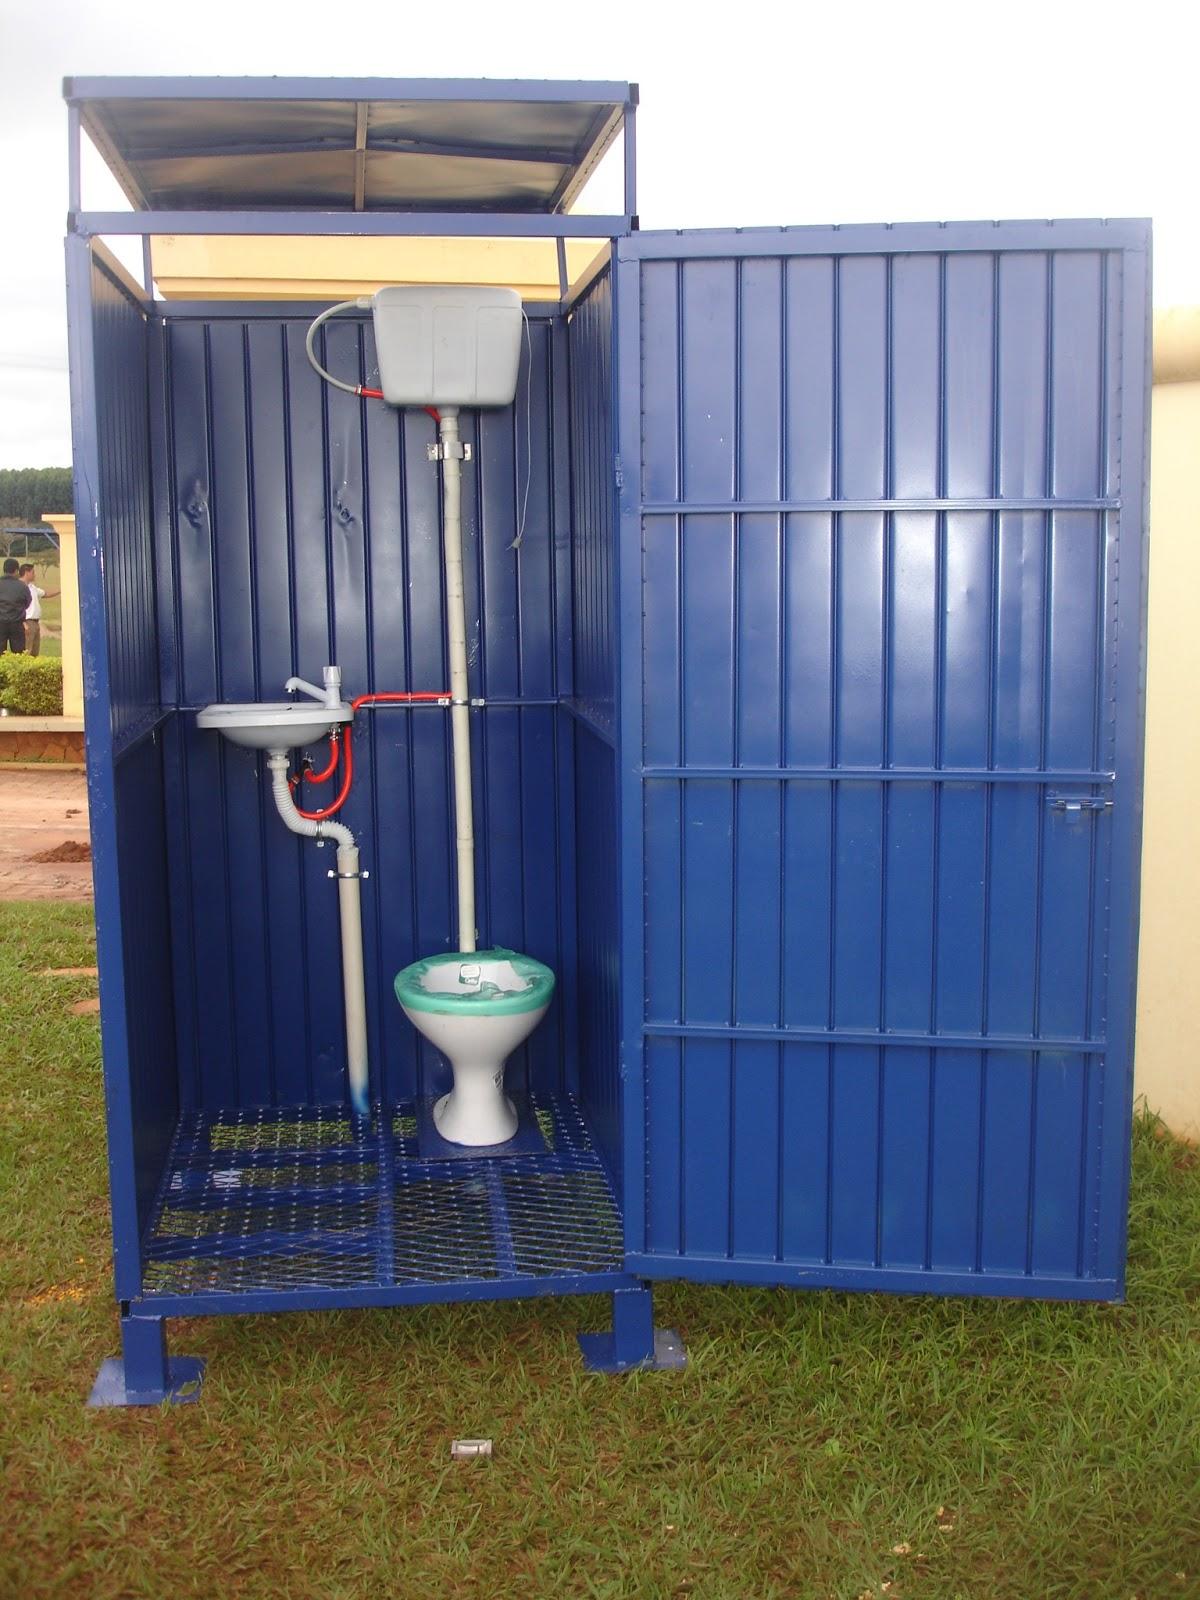 CITYBOX  LOCAÇÃO DE CONTAINER PRÁTICO Barro e Poeira #9D702E 1200x1600 Banheiro Container Locação Sc